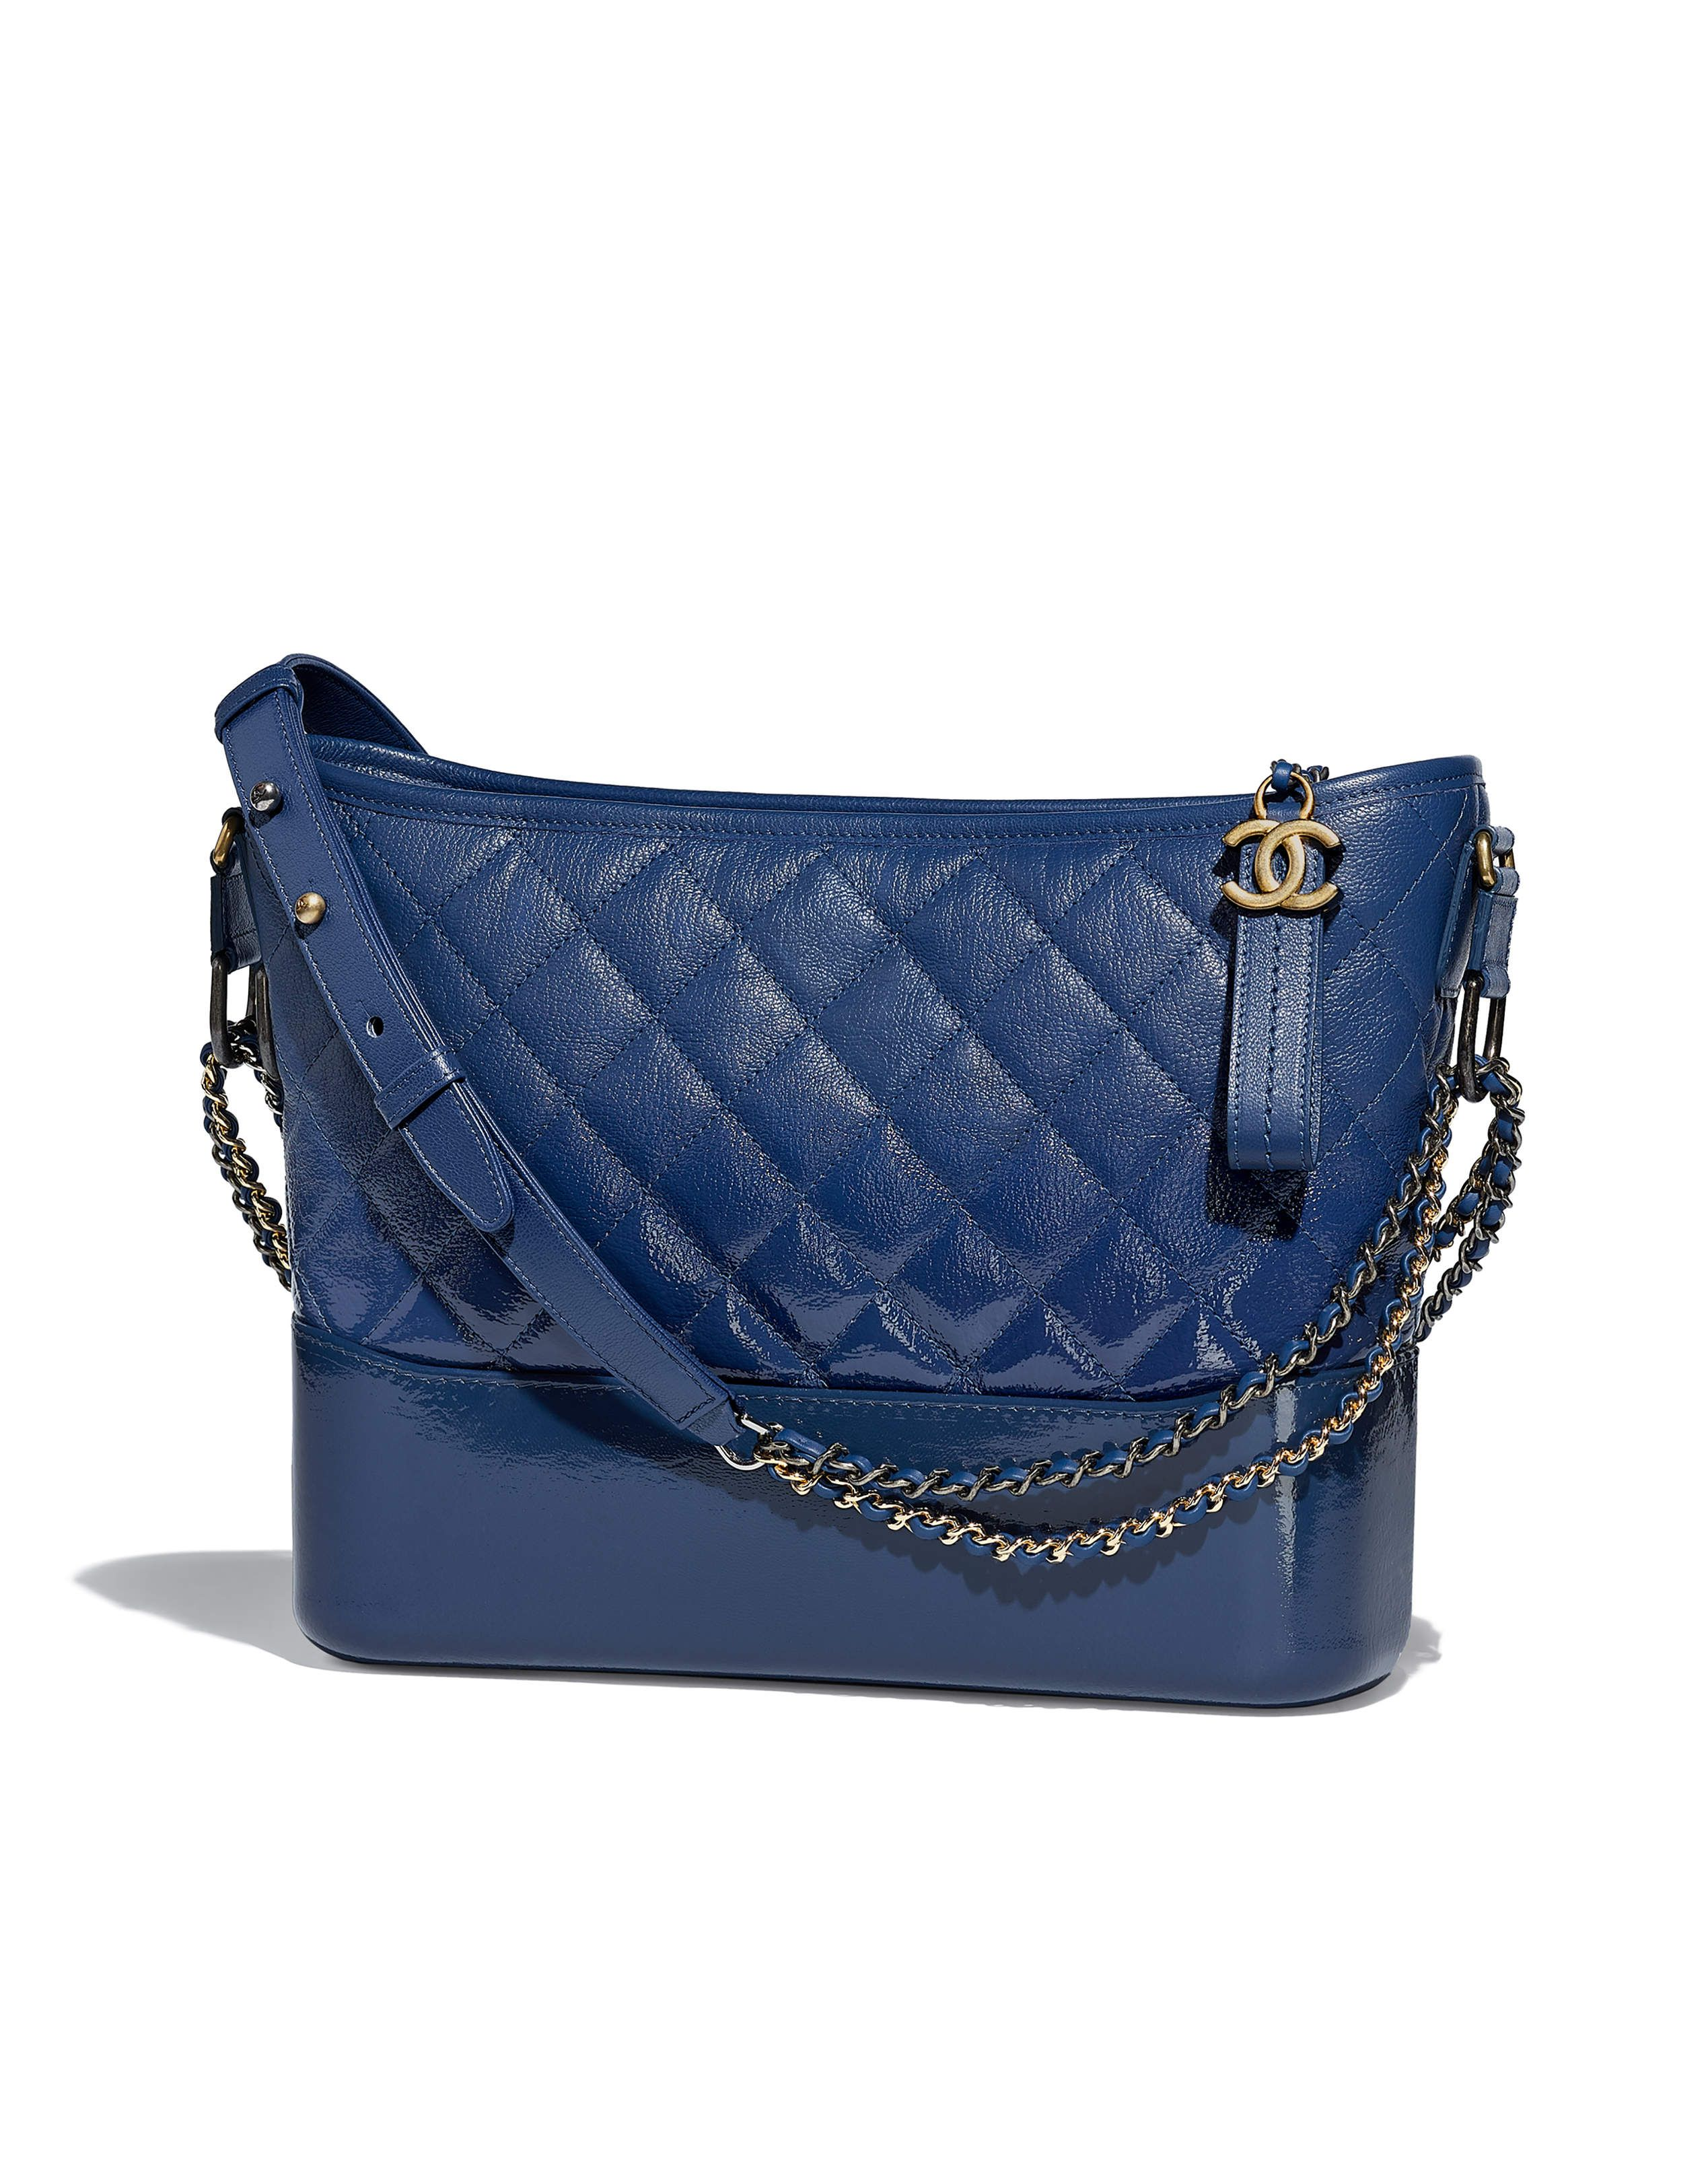 CHANEL s GABRIELLE hobo bag 2048b3553fa6d